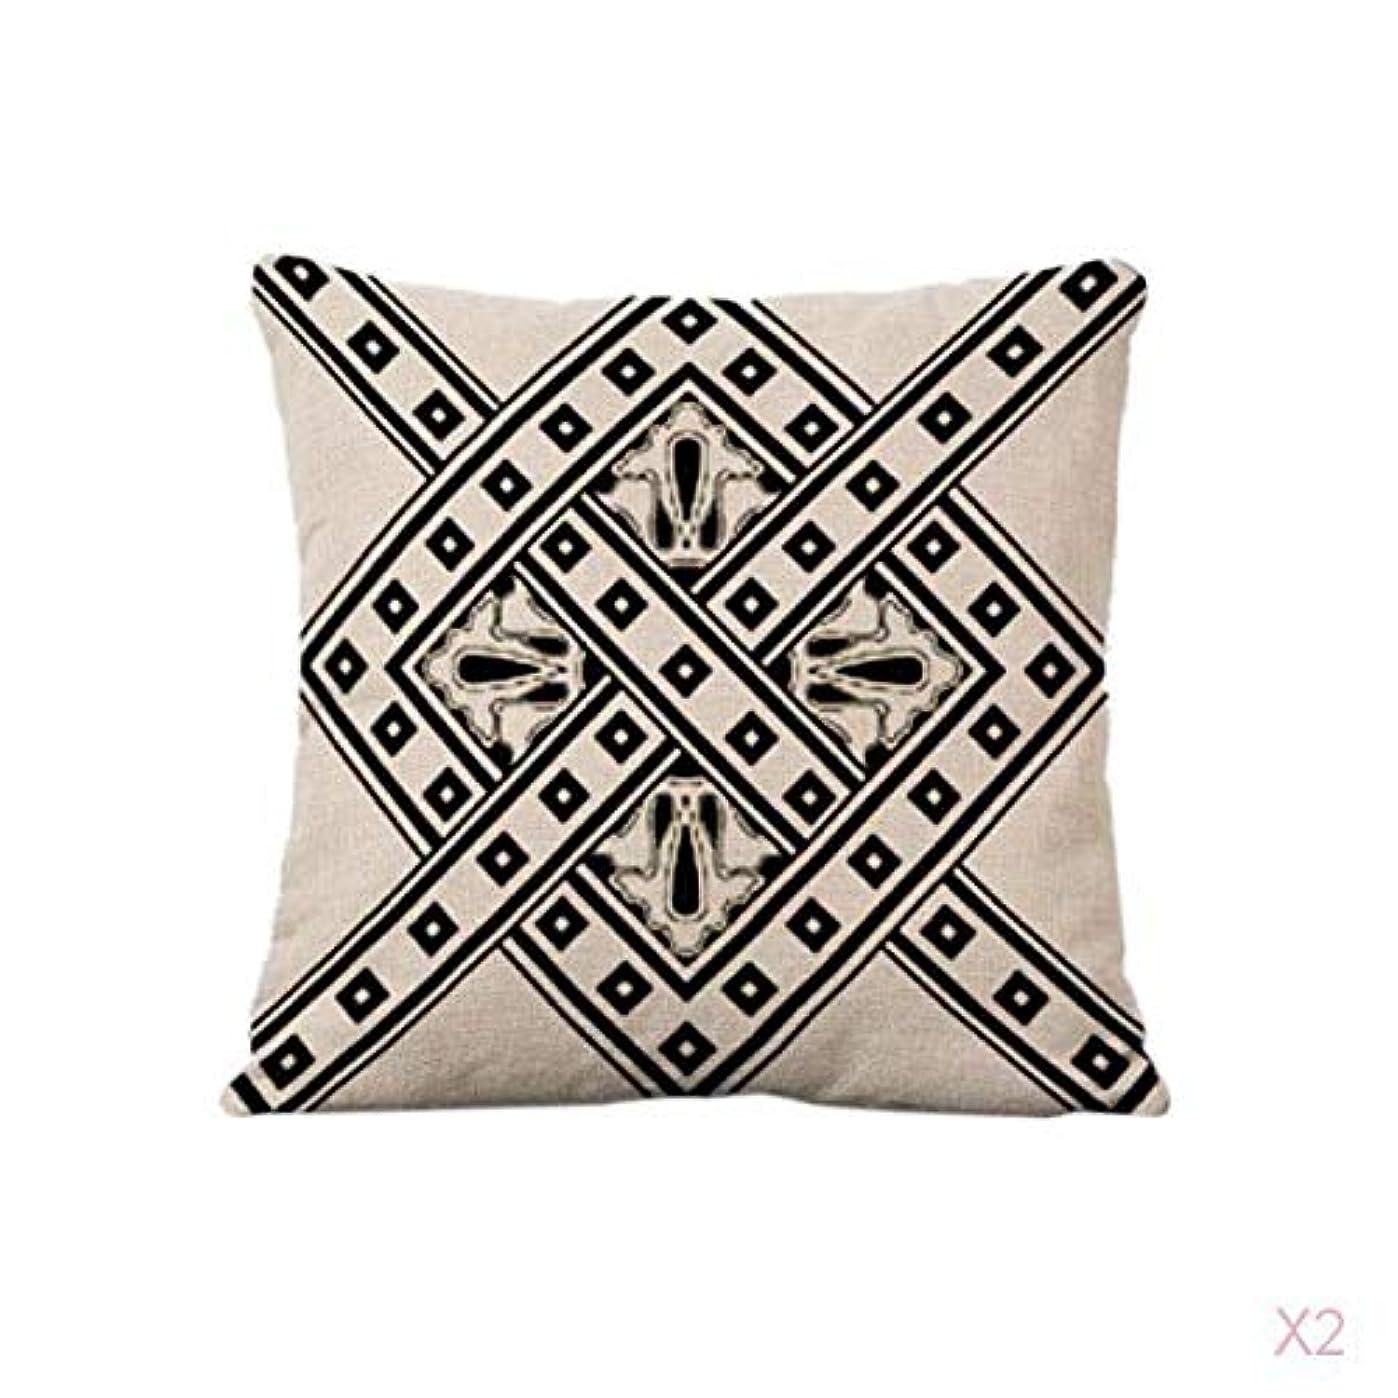 FLAMEER クッションカバー5色シンプルな幾何学模様のリネンソファー腰枕カバー